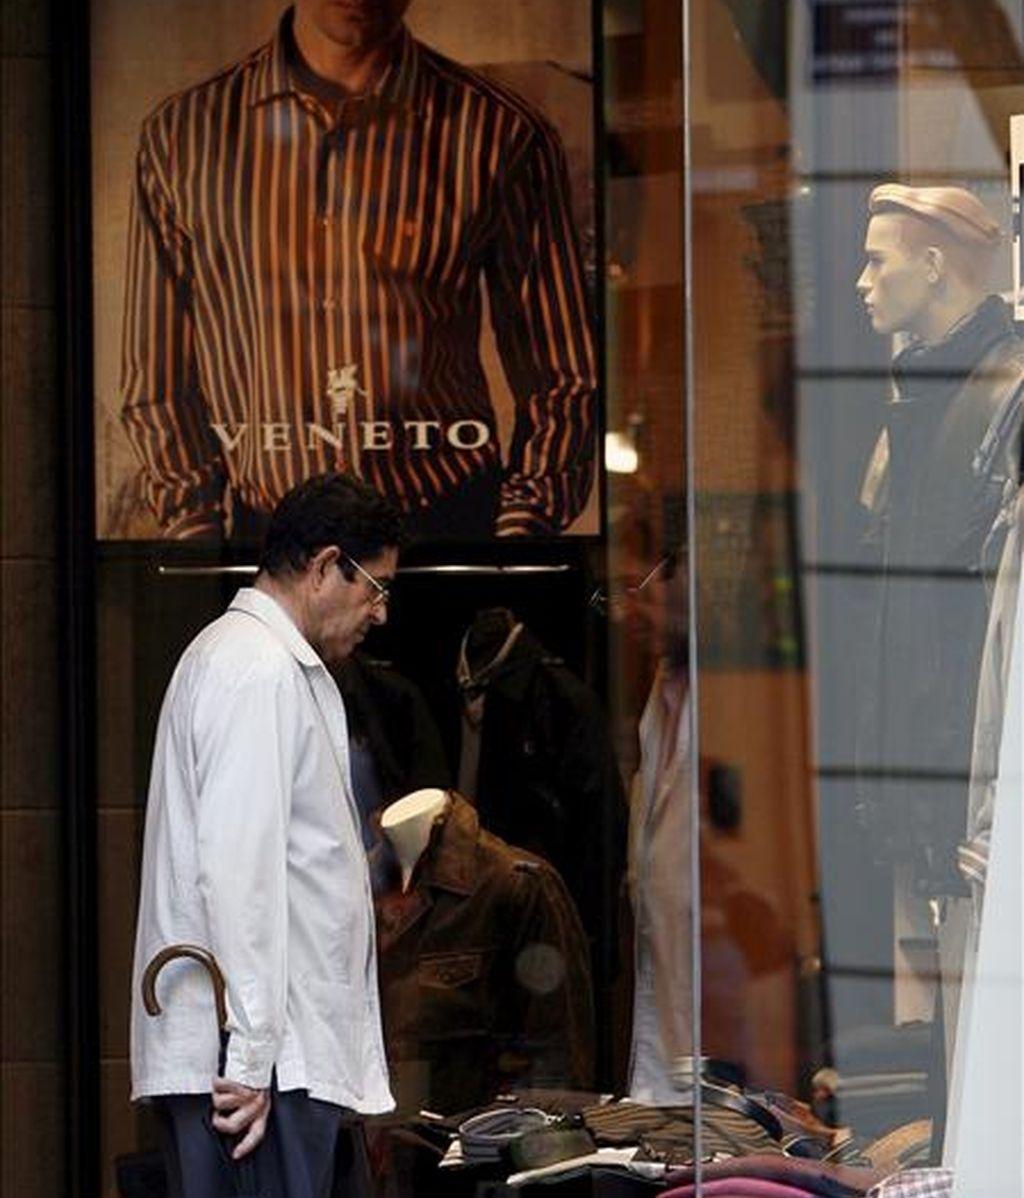 En la imagen, una tienda de ropa. EFE/Archivo